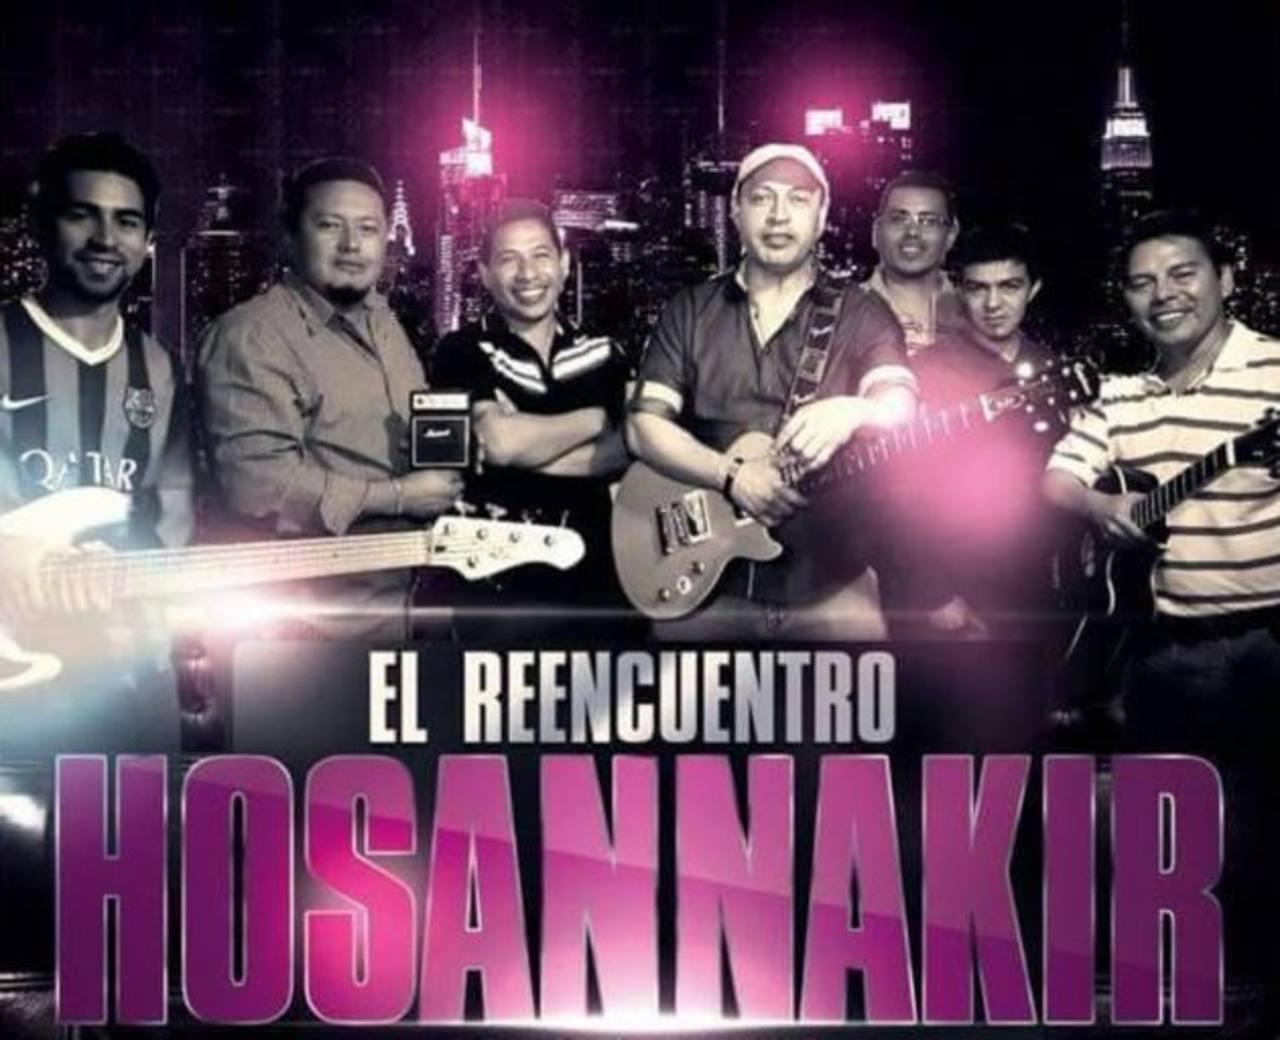 Los miembros de Hossana Kir afinan sus instrumentos para presentarse el 8 de mayo próximo.